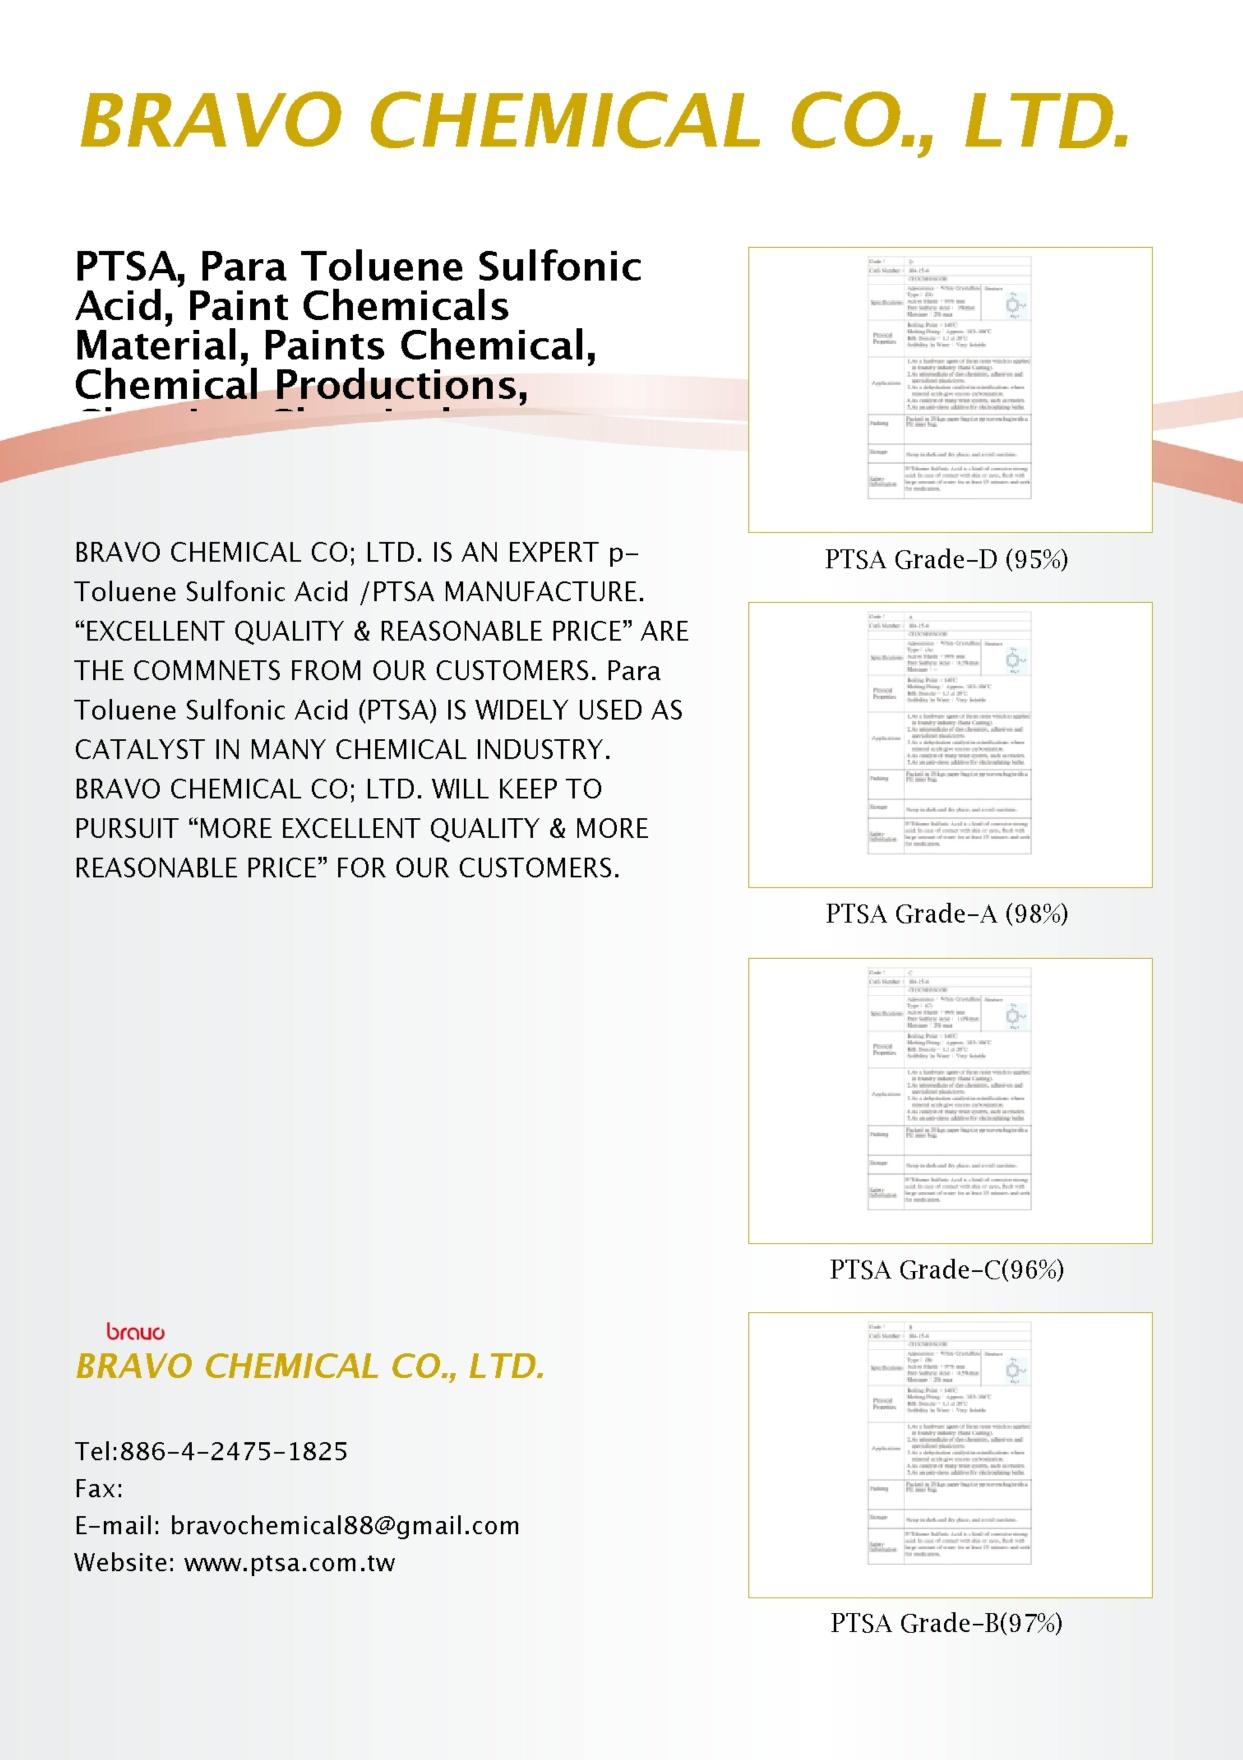 BRAVO CHEMICAL CO., LTD.